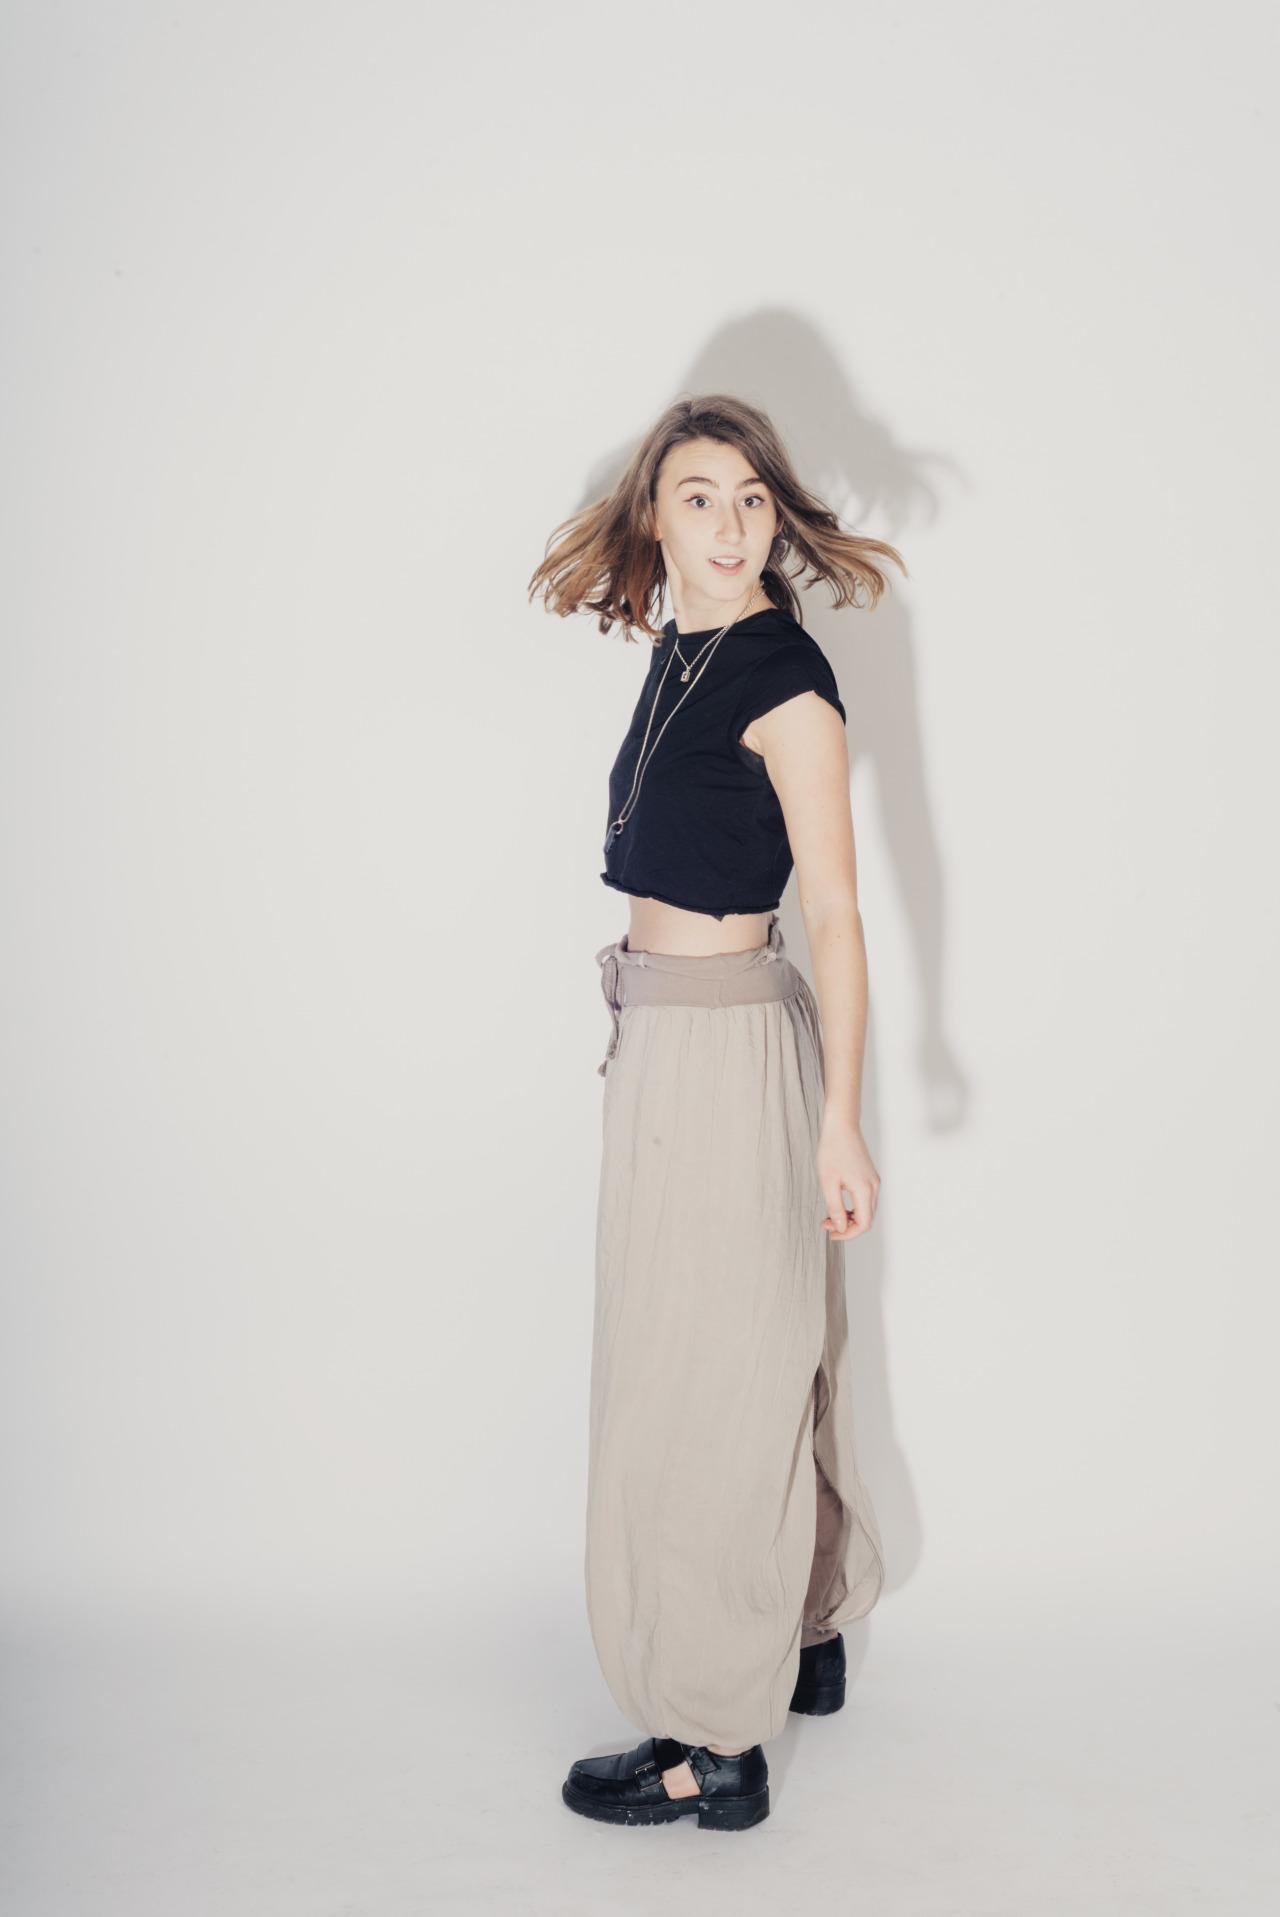 Lia Cowan